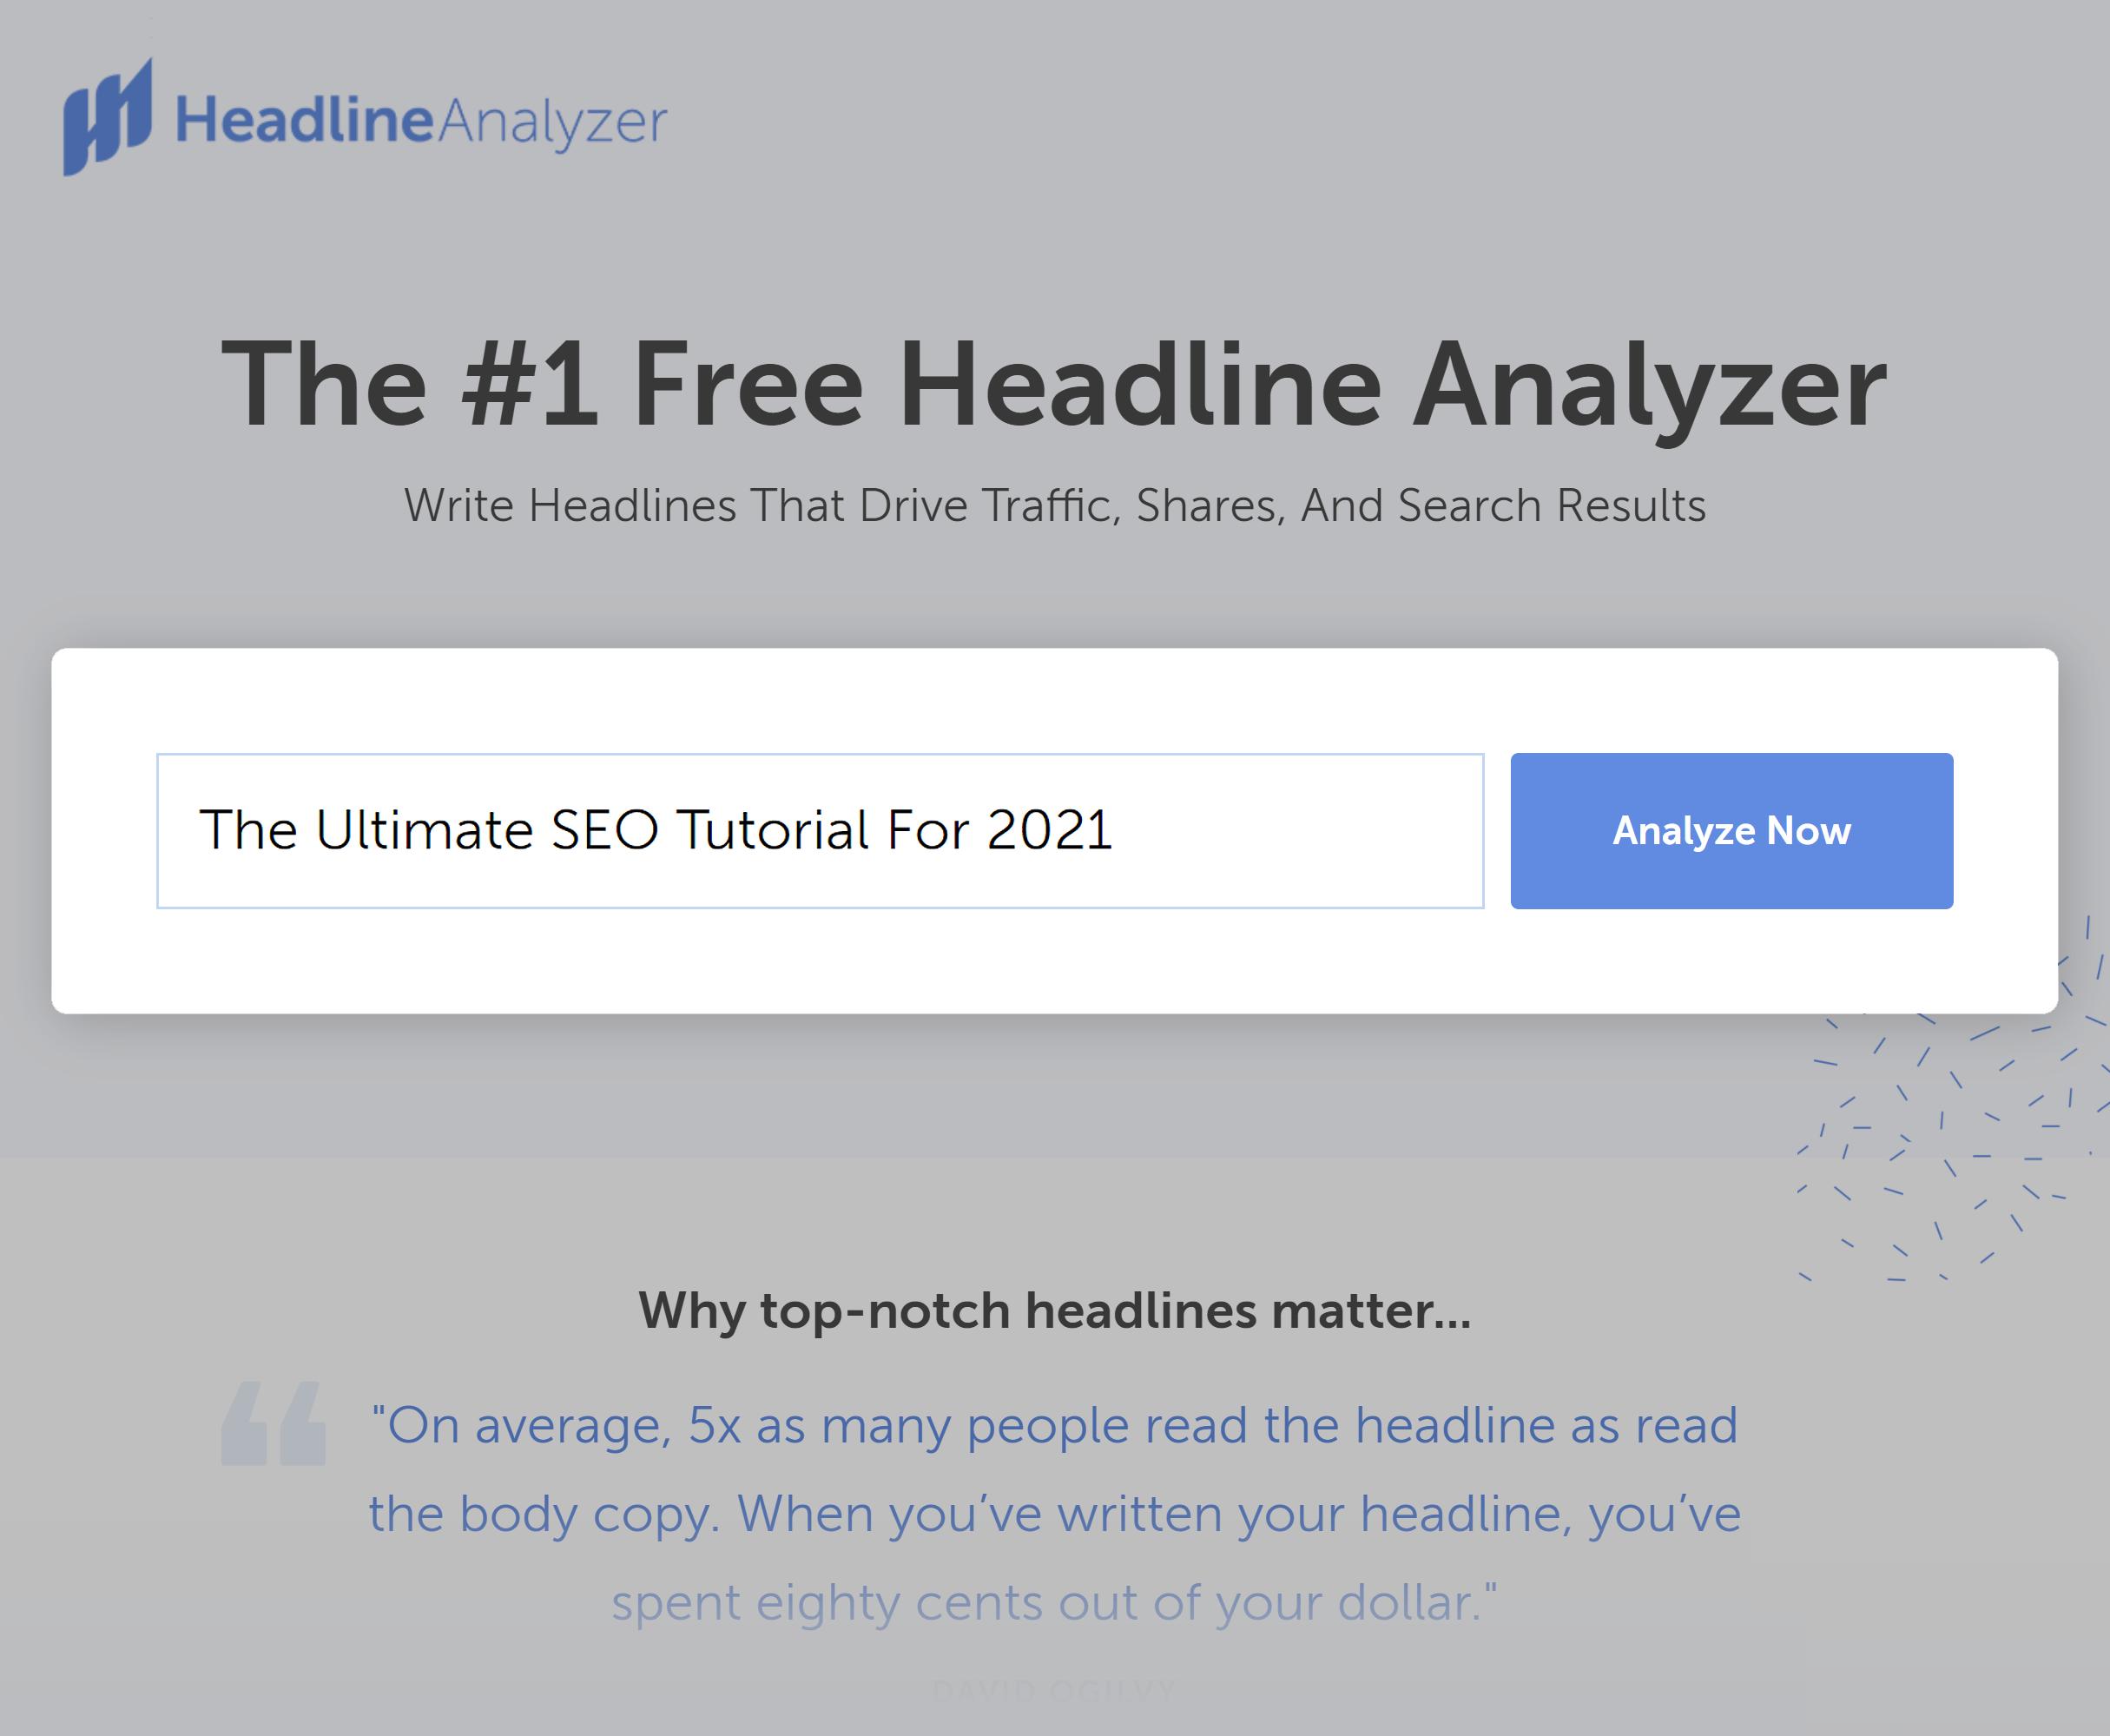 Coschedule – Headline Analyzer